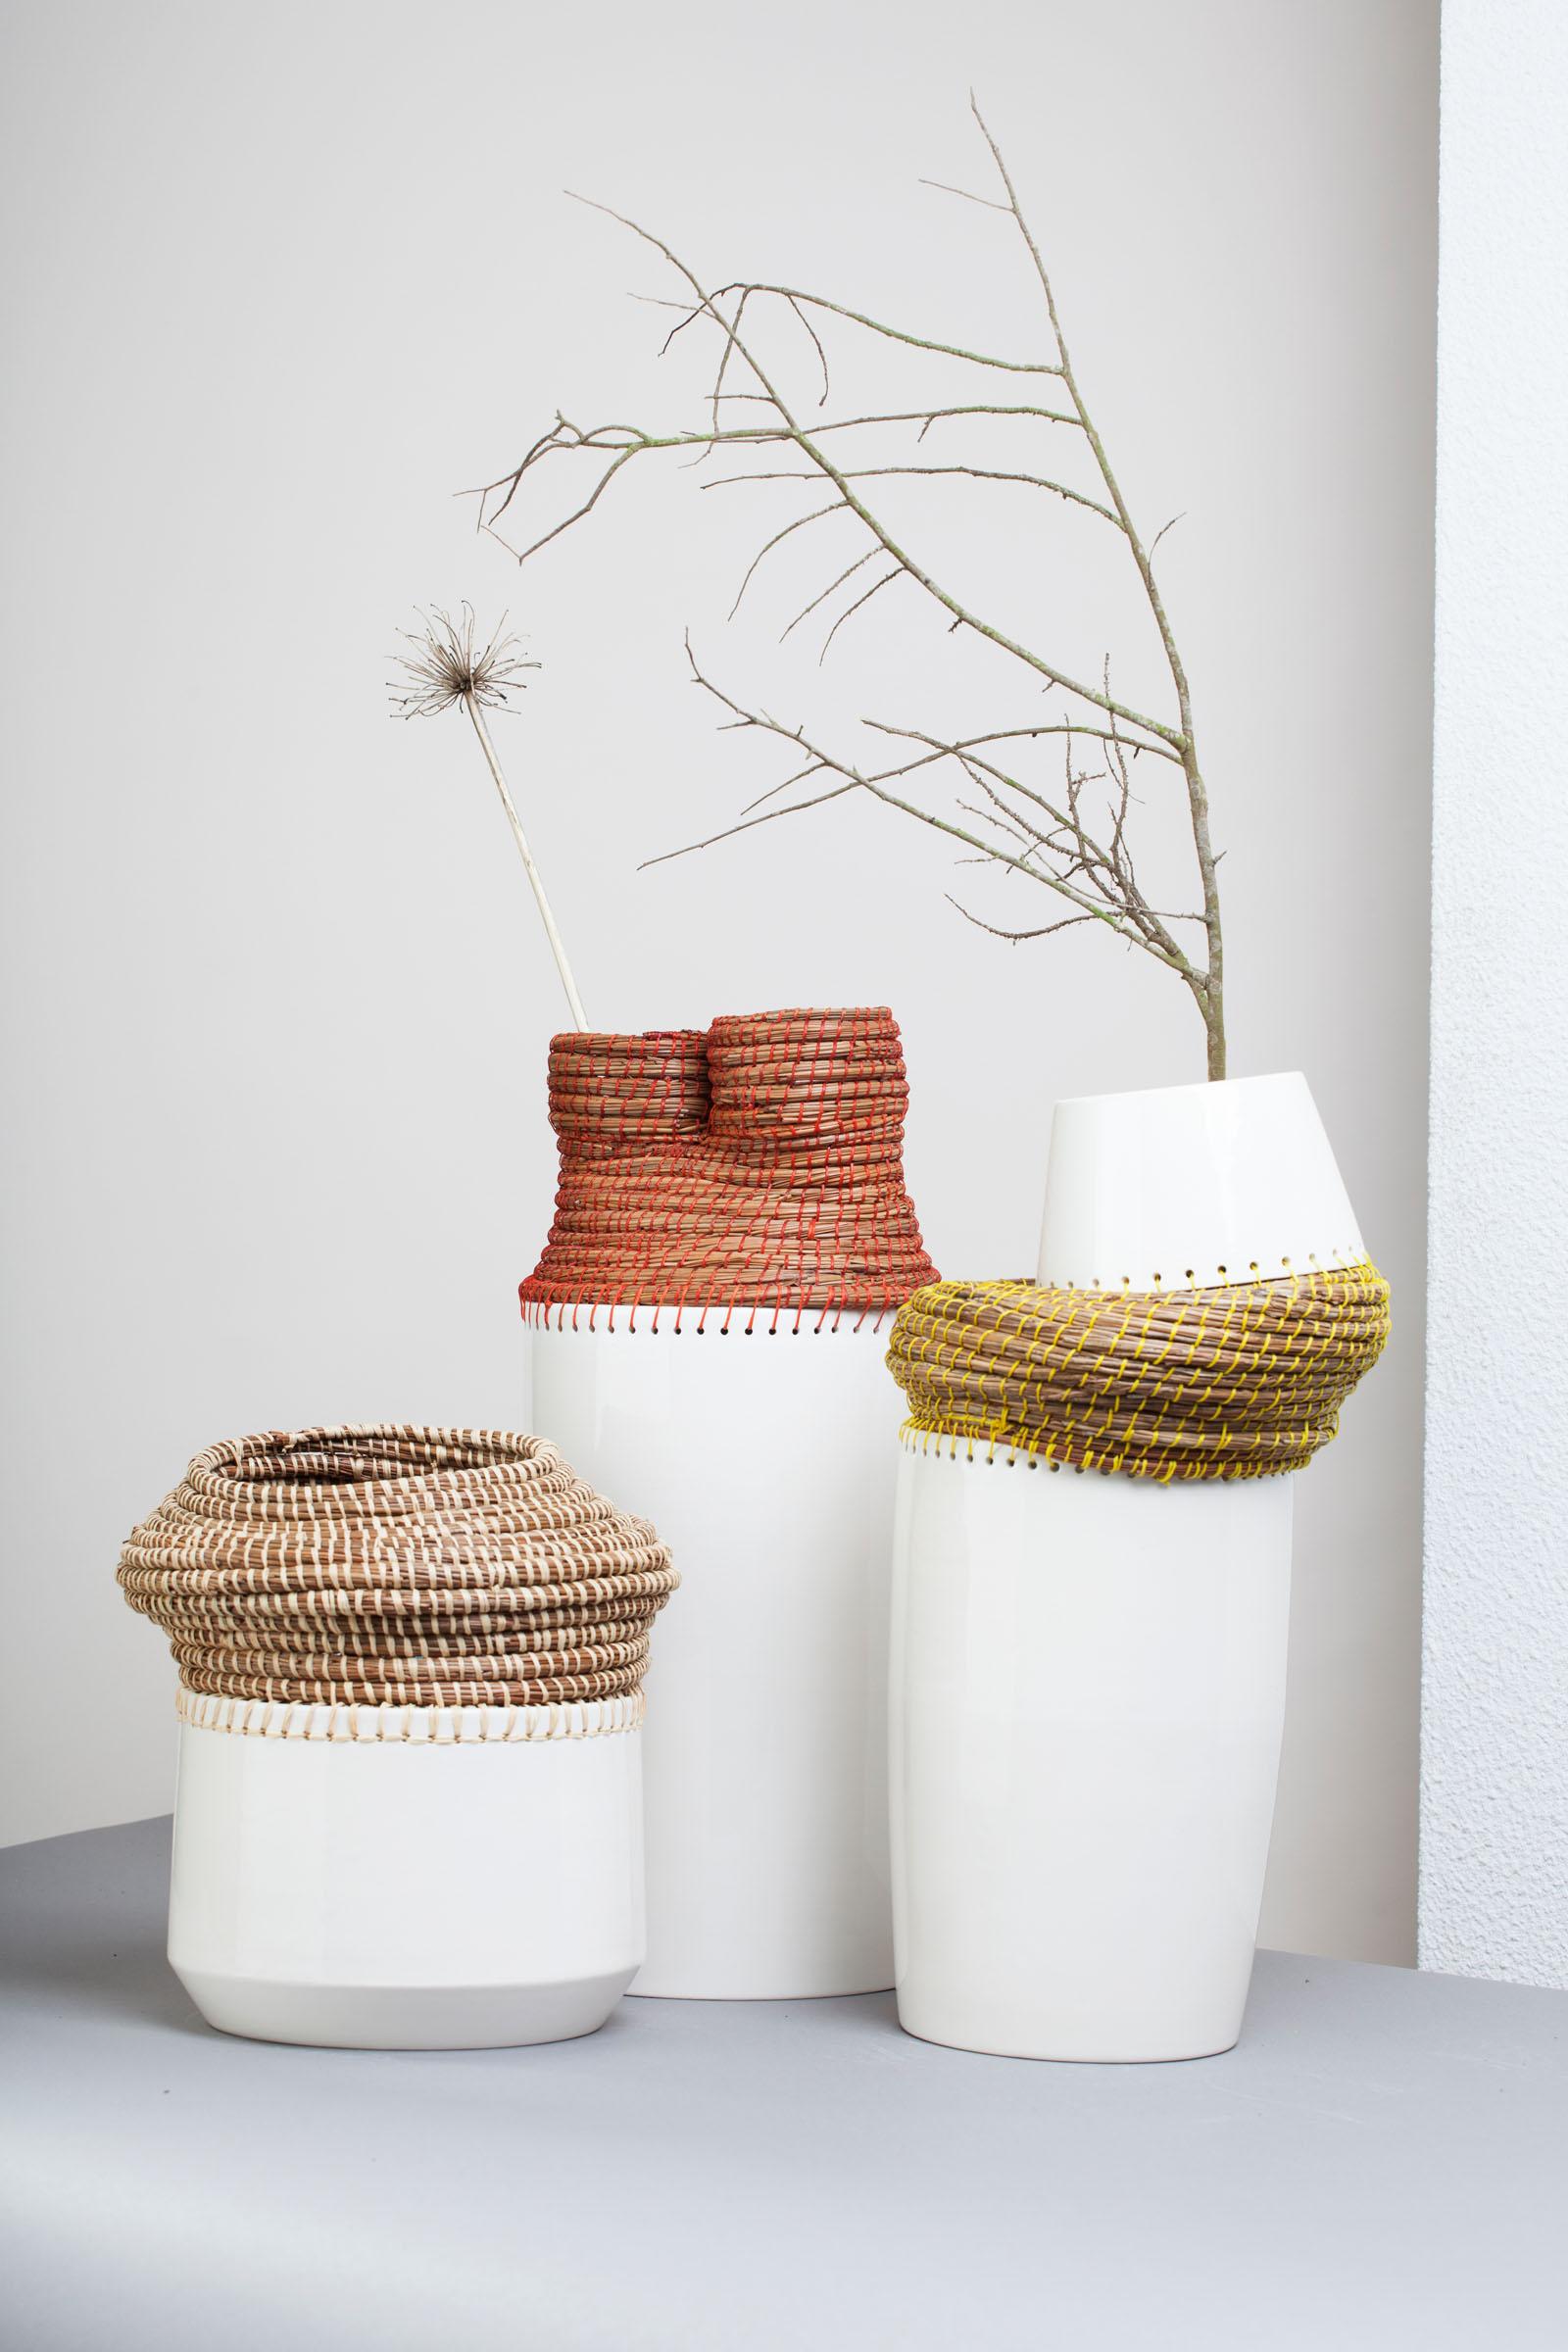 Caruma pieces by Eneida Tavares for VICARA 2